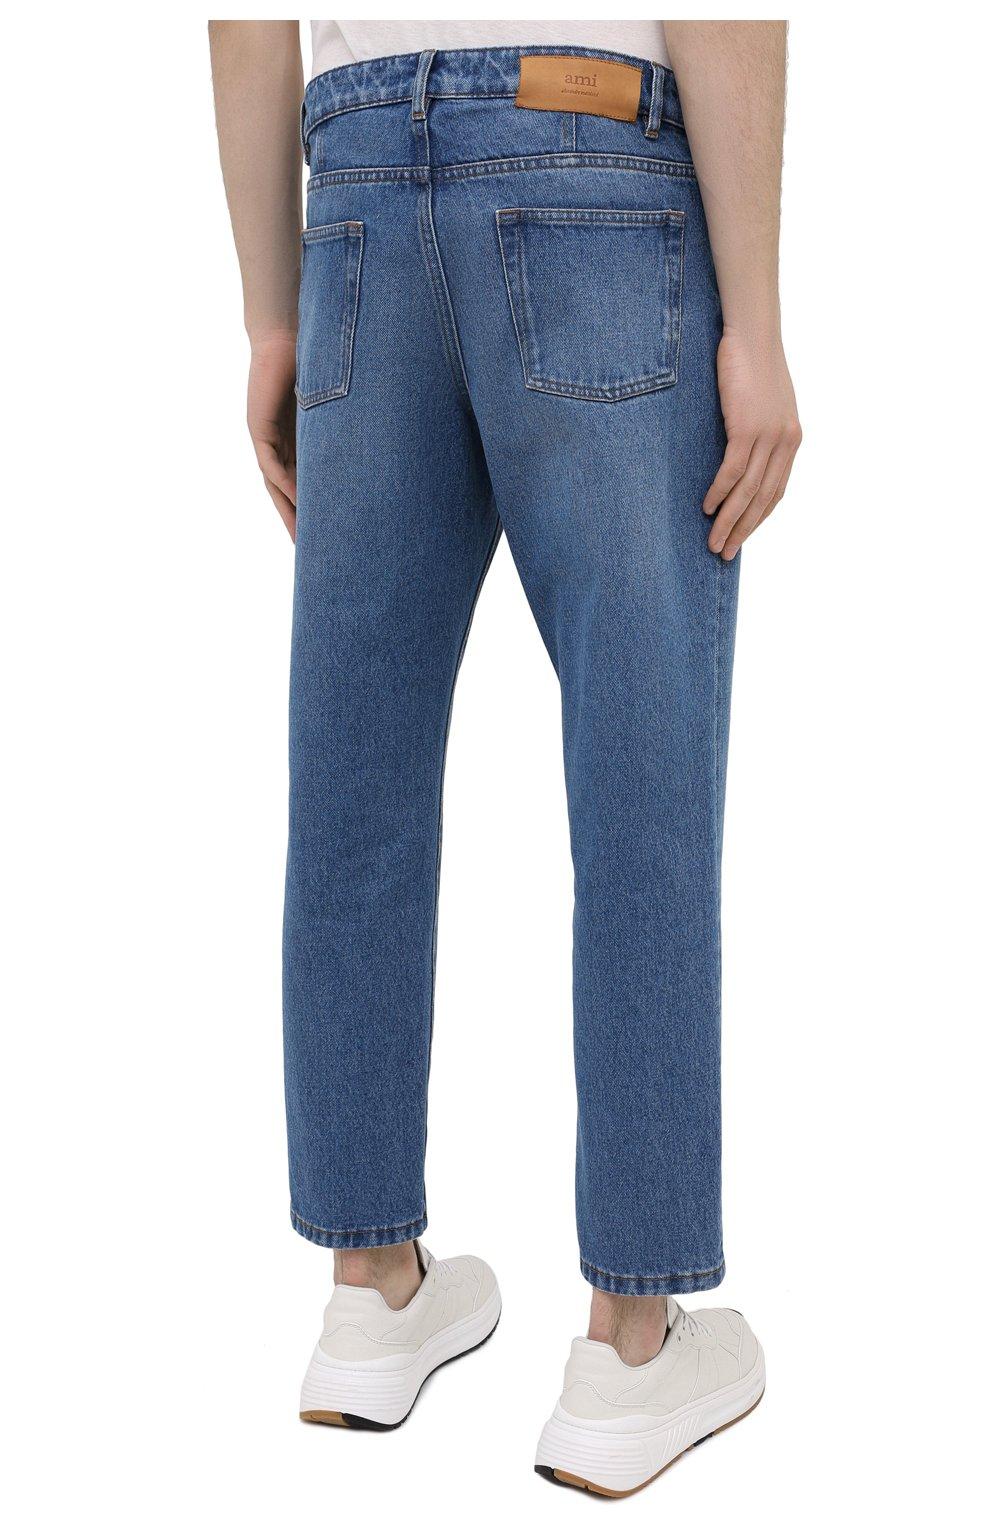 Мужские джинсы AMI синего цвета, арт. E21HD204.601 | Фото 4